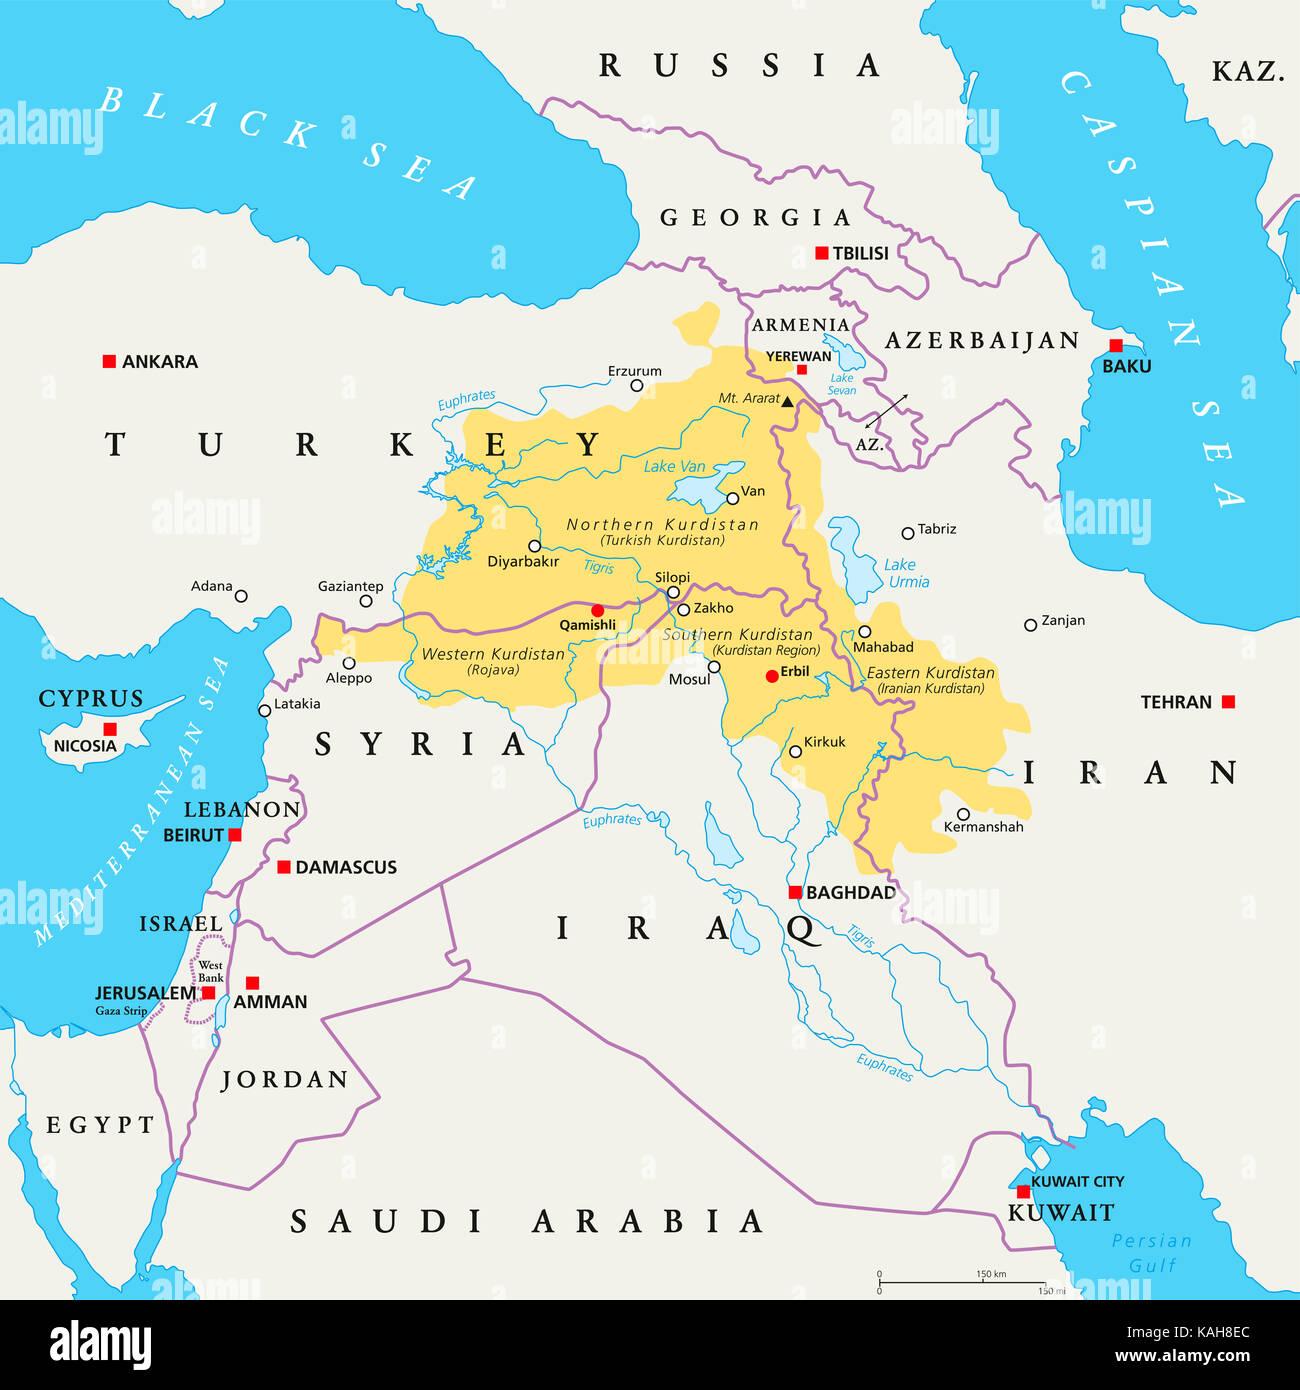 Kurds Of Iraq And Iran Map on iran azerbaijan map, iran airports map, iran kurdistan map, iran turkey map, iran shia map, iran iraq map, persia modern iran map,